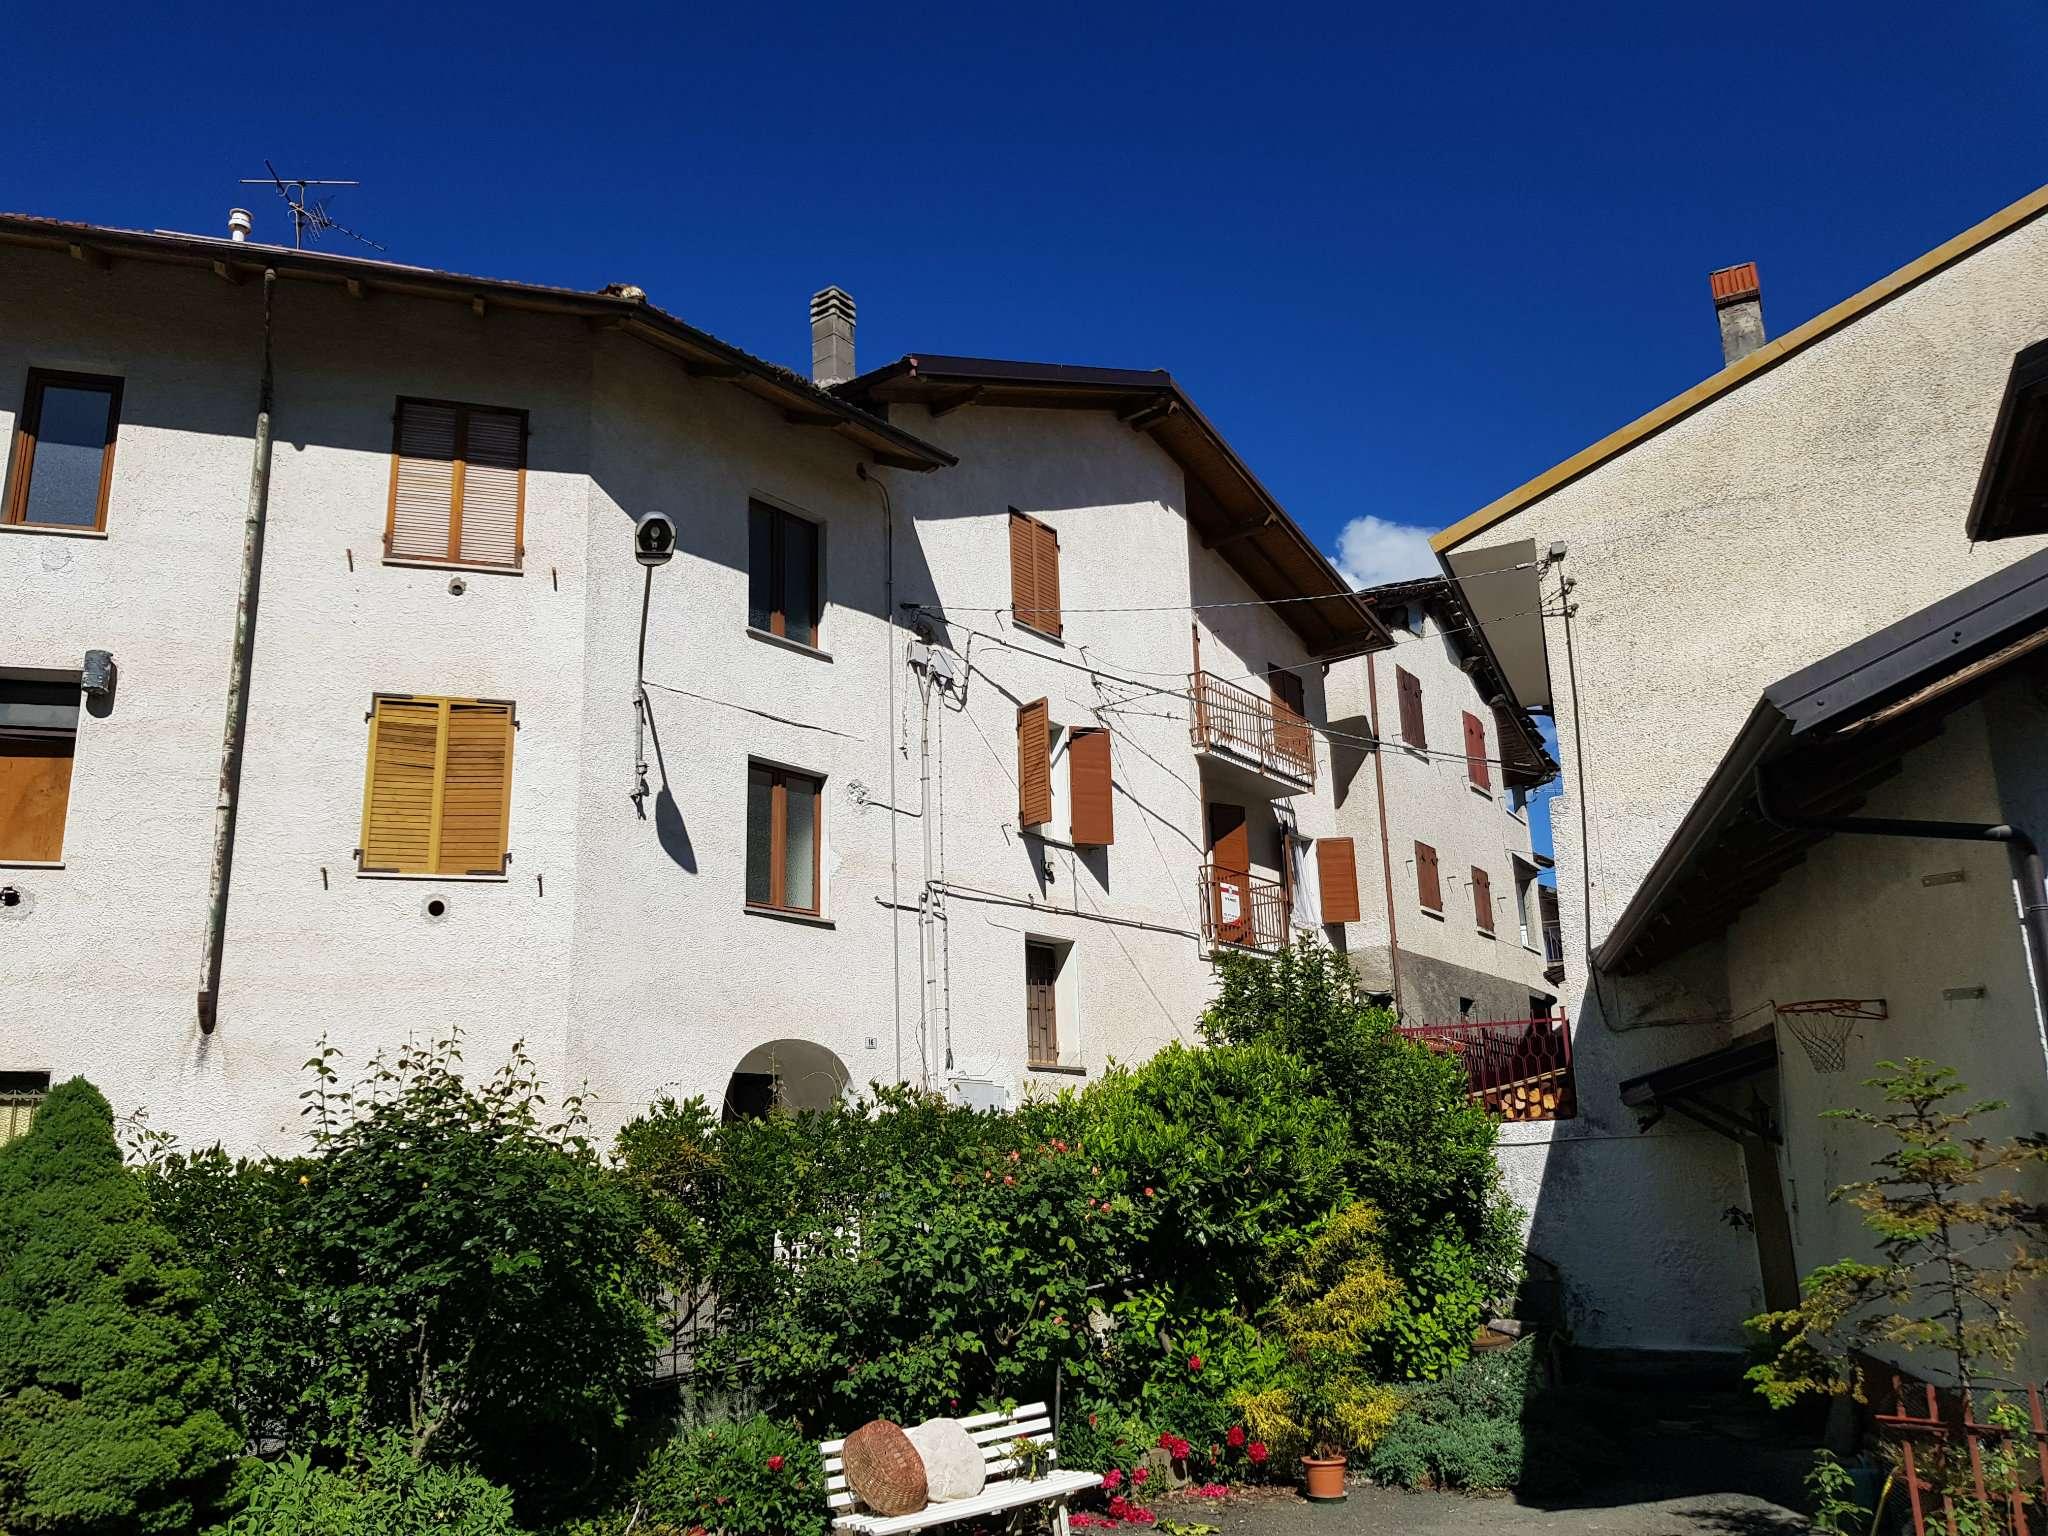 Appartamento in vendita a Meana di Susa, 2 locali, prezzo € 35.000 | PortaleAgenzieImmobiliari.it